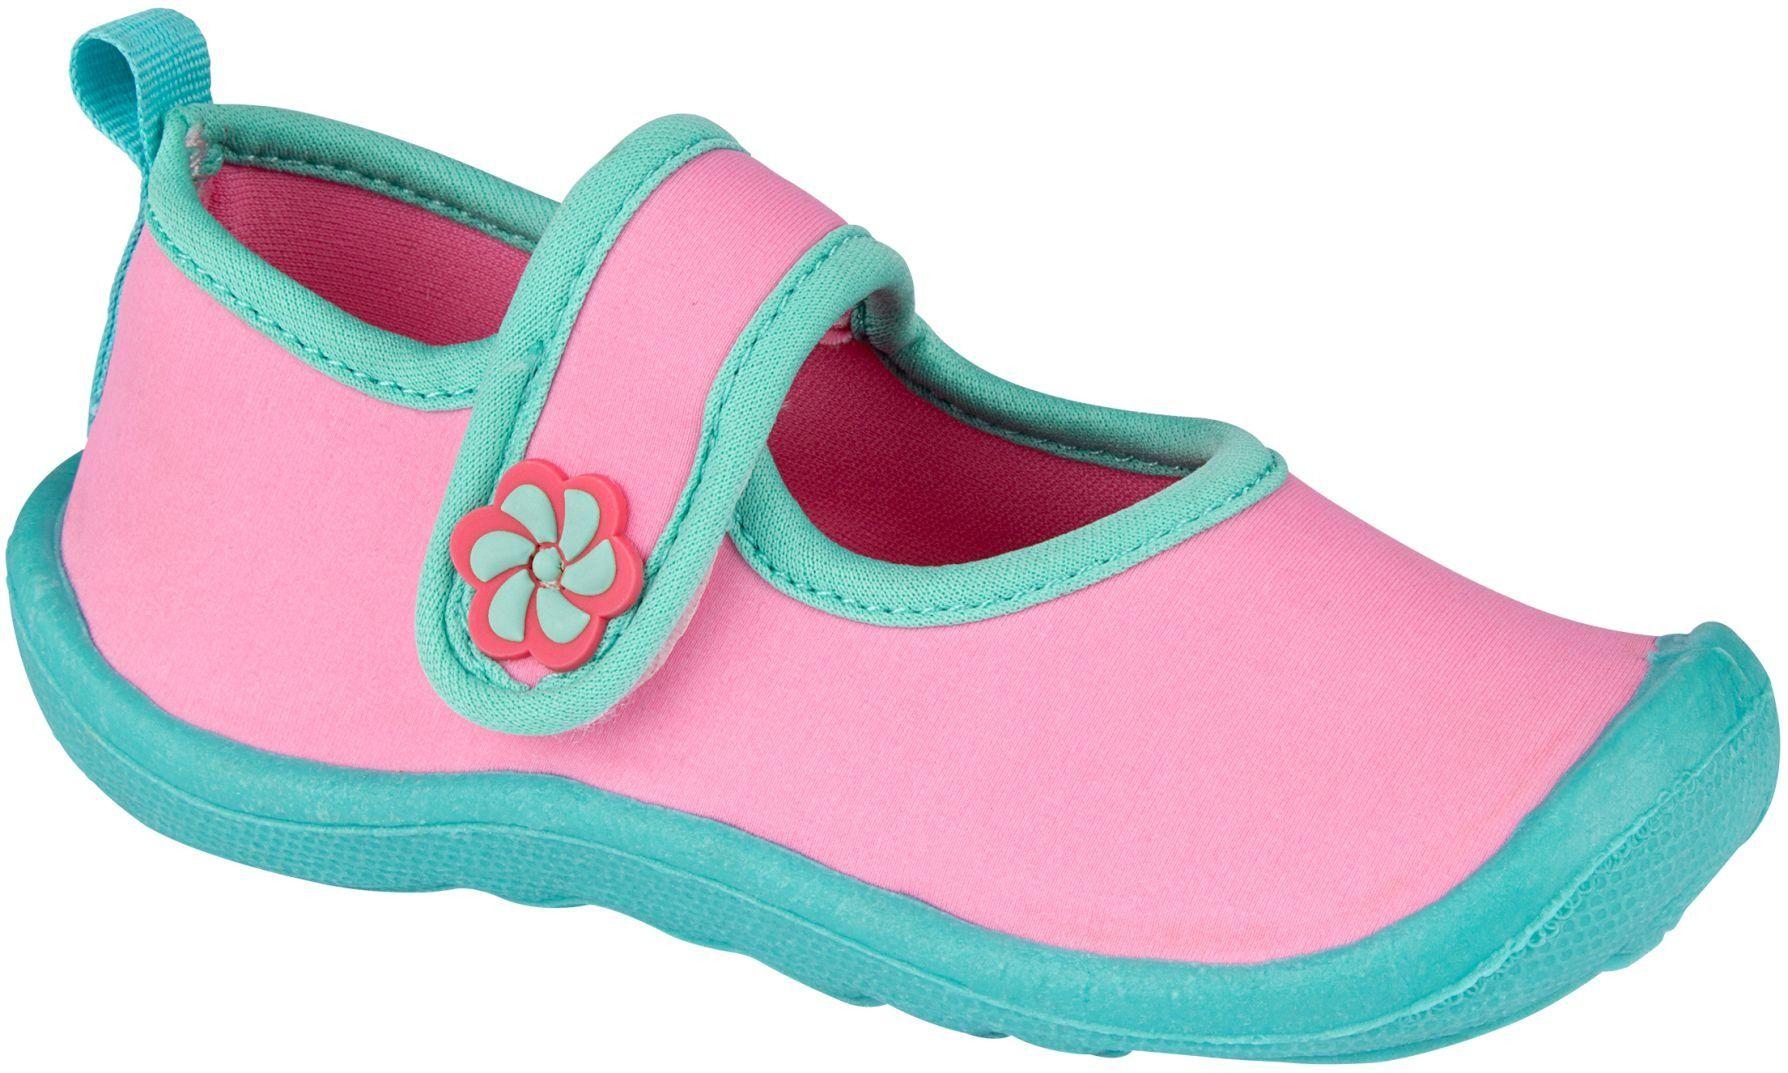 Buty do wody dla dzieci Lotje Waimea